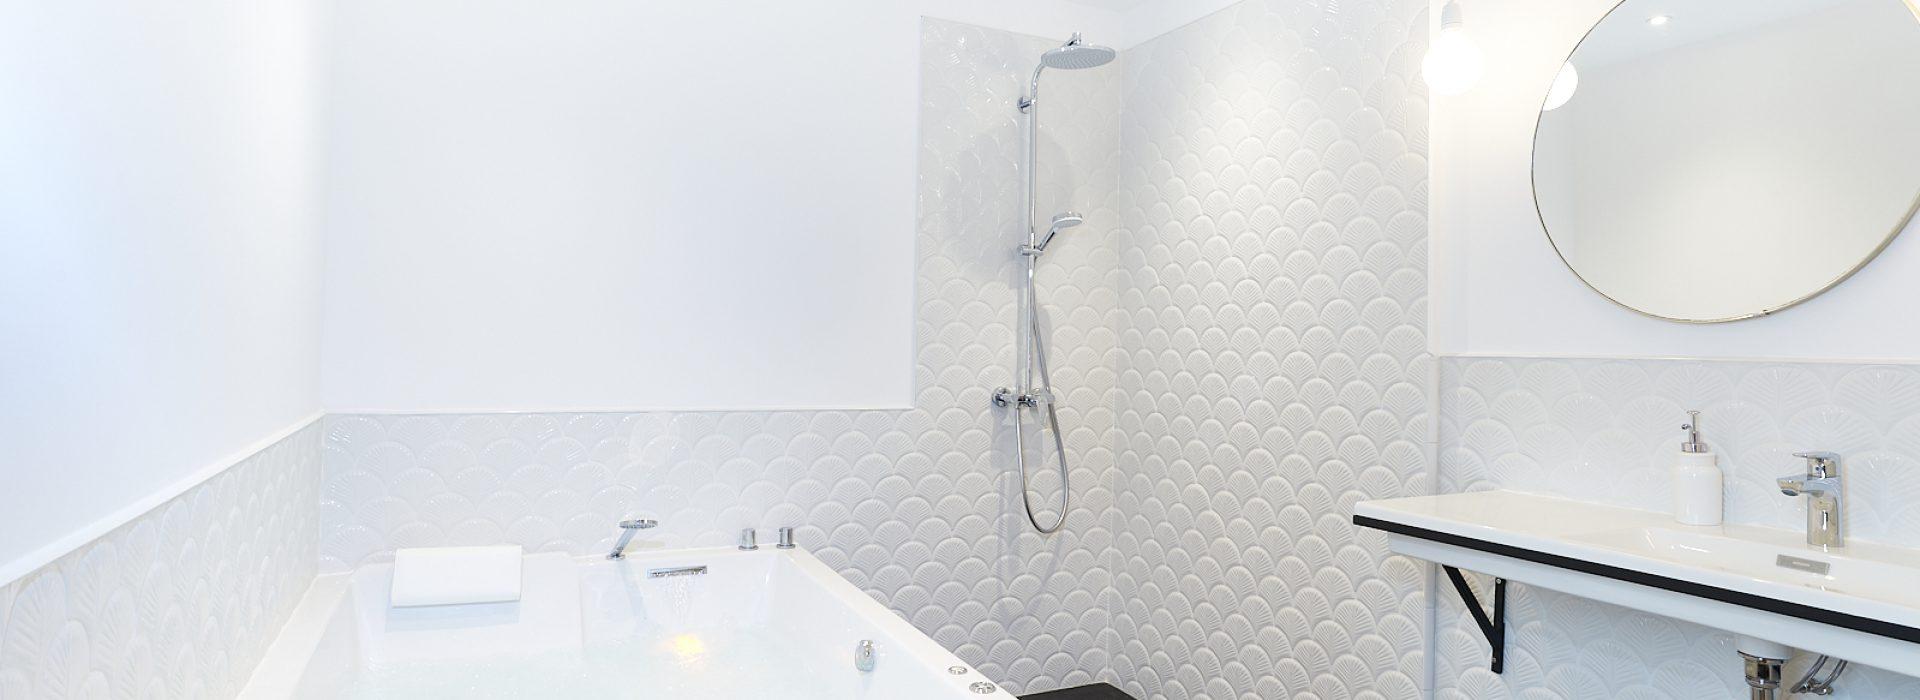 1634_ Salle de bain avec spa